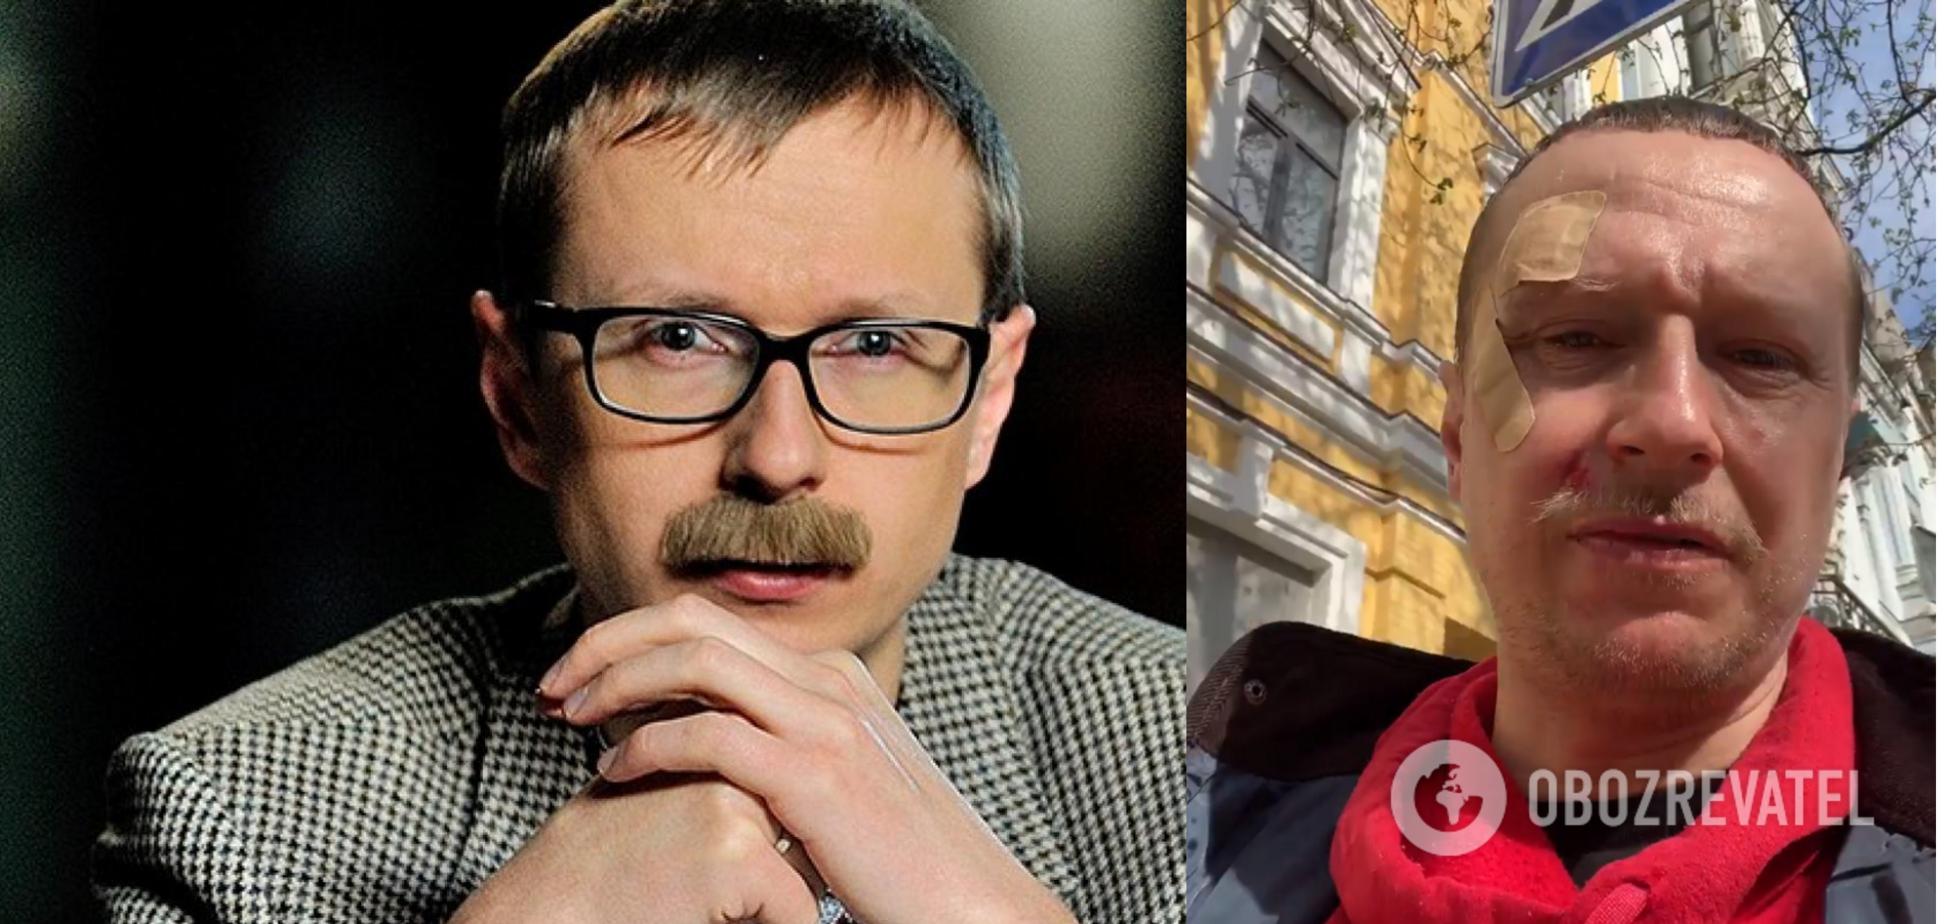 В Киеве избили ведущего 'Телебачення Торонто' Майкла Щура. Видео